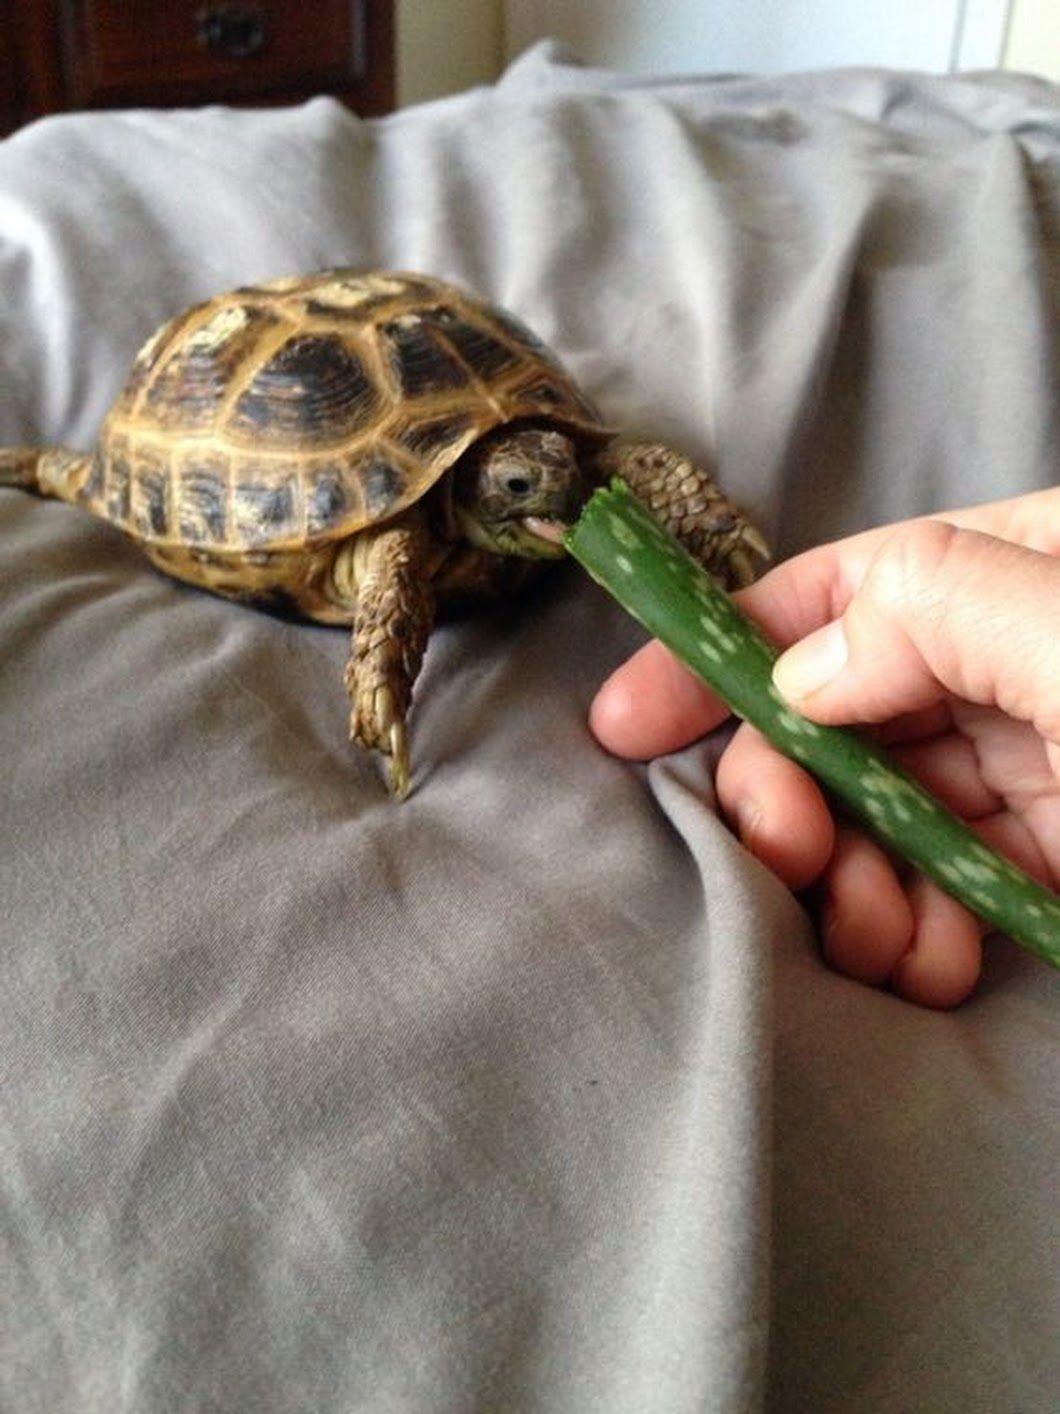 Fester the tortoise enjoying aloe tortoises